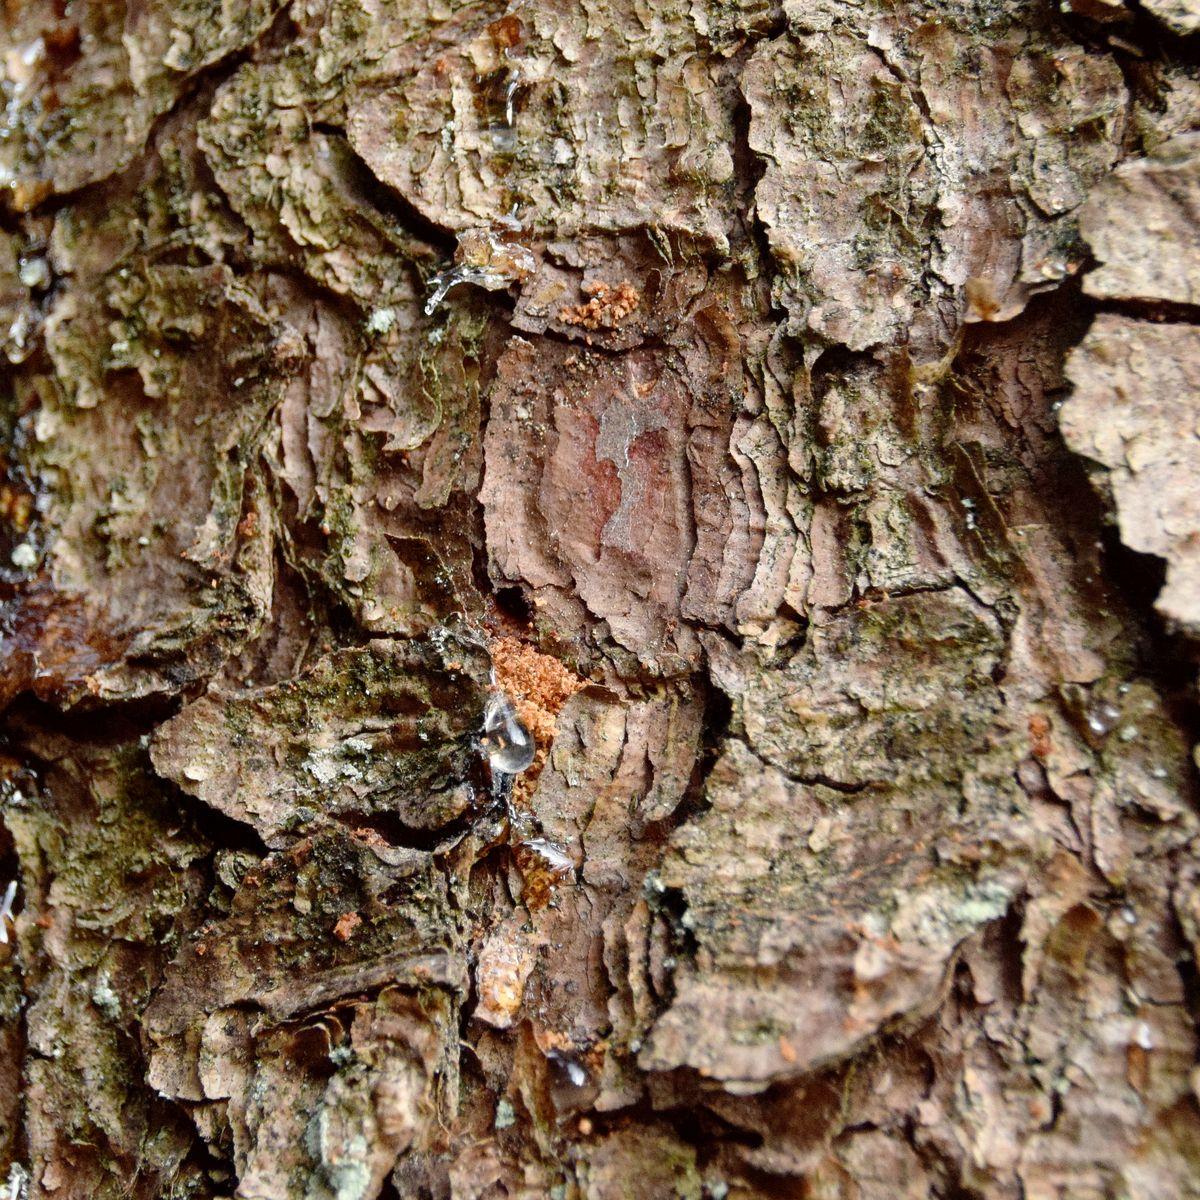 Beliebt Bevorzugt Borkenkäferbefall an der Fichte im eigenen Garten - Baumpflegeportal @OP_13